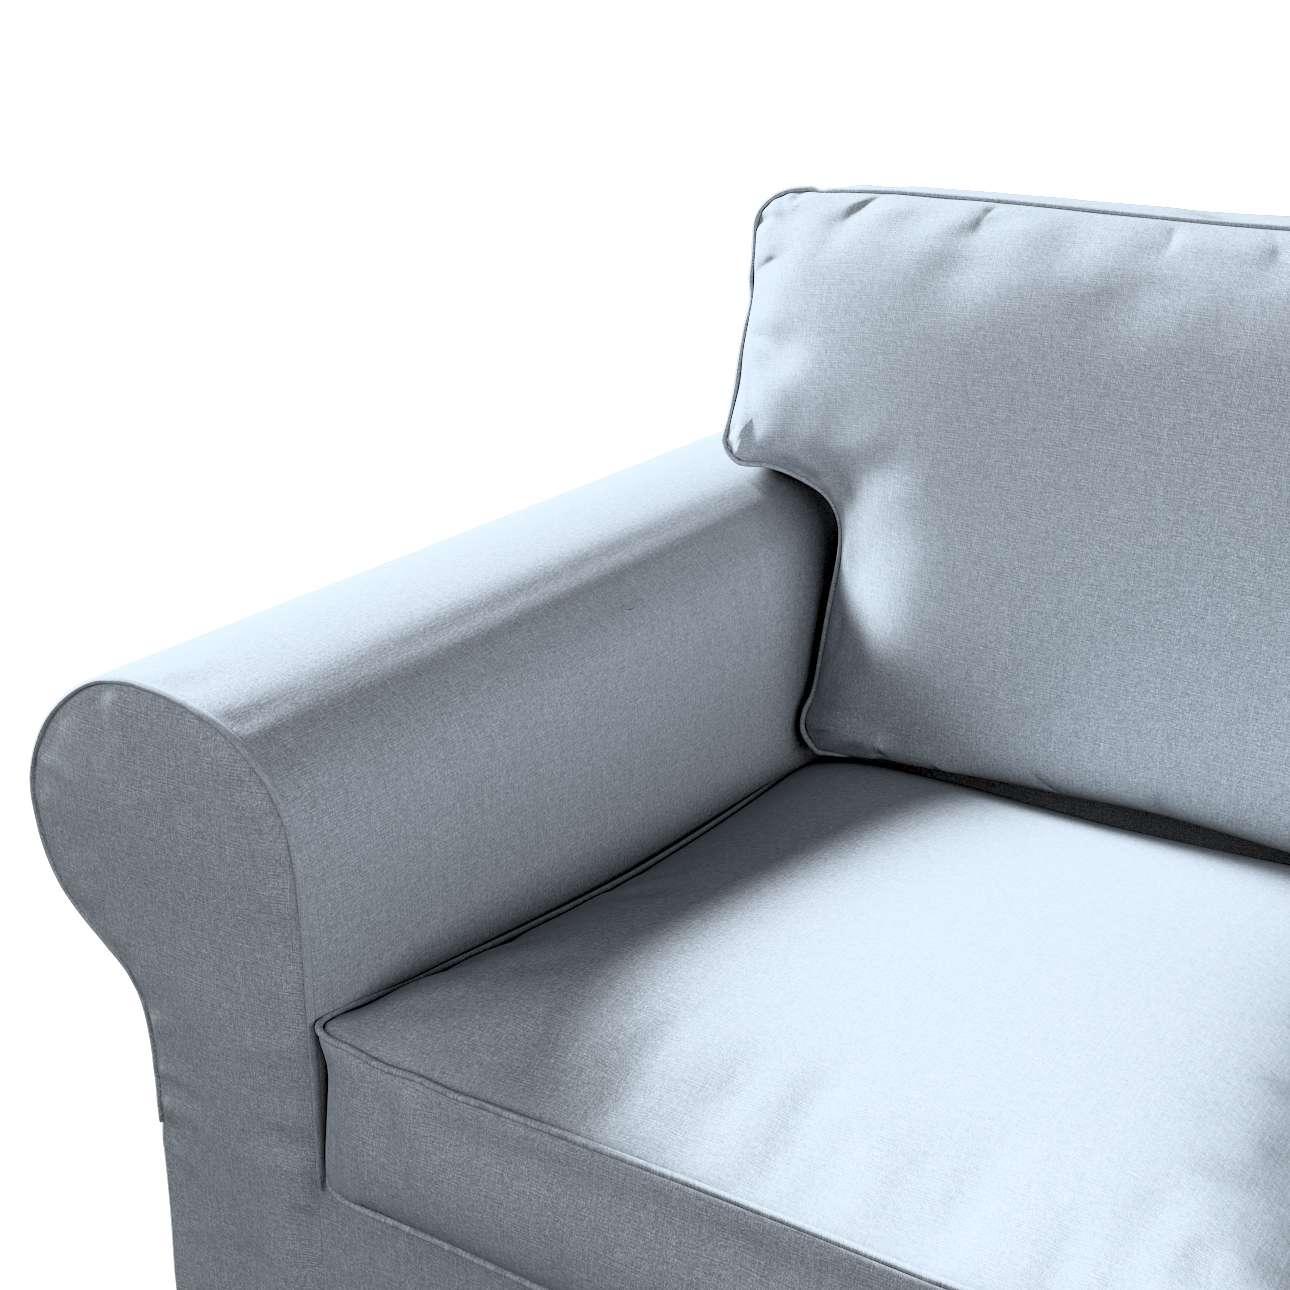 Pokrowiec na sofę Ektorp 2-osobową, rozkładaną, model do 2012 w kolekcji Amsterdam, tkanina: 704-46